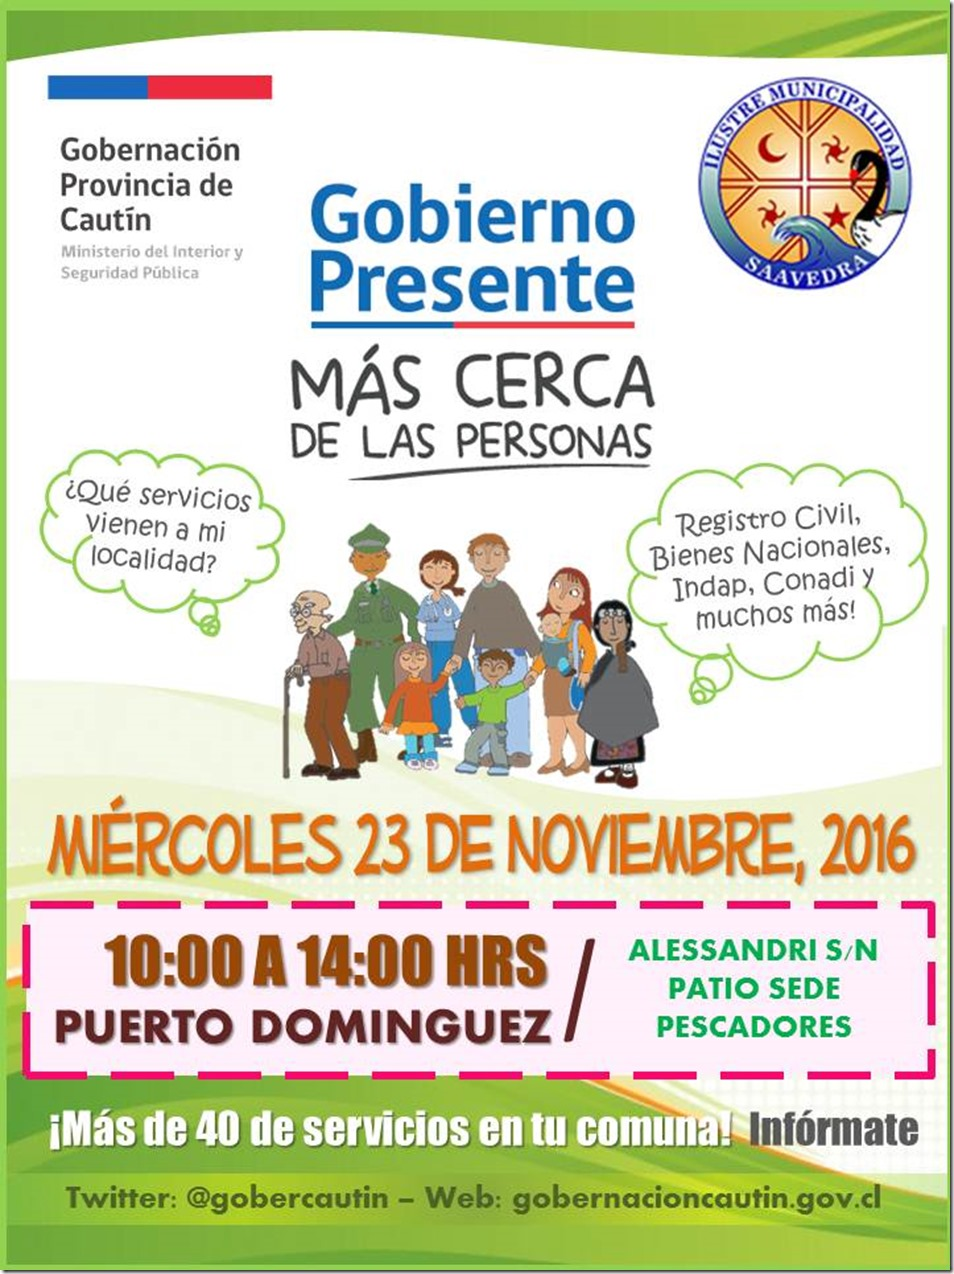 Gobierno Presente en Puerto Domínguez - Saavedra